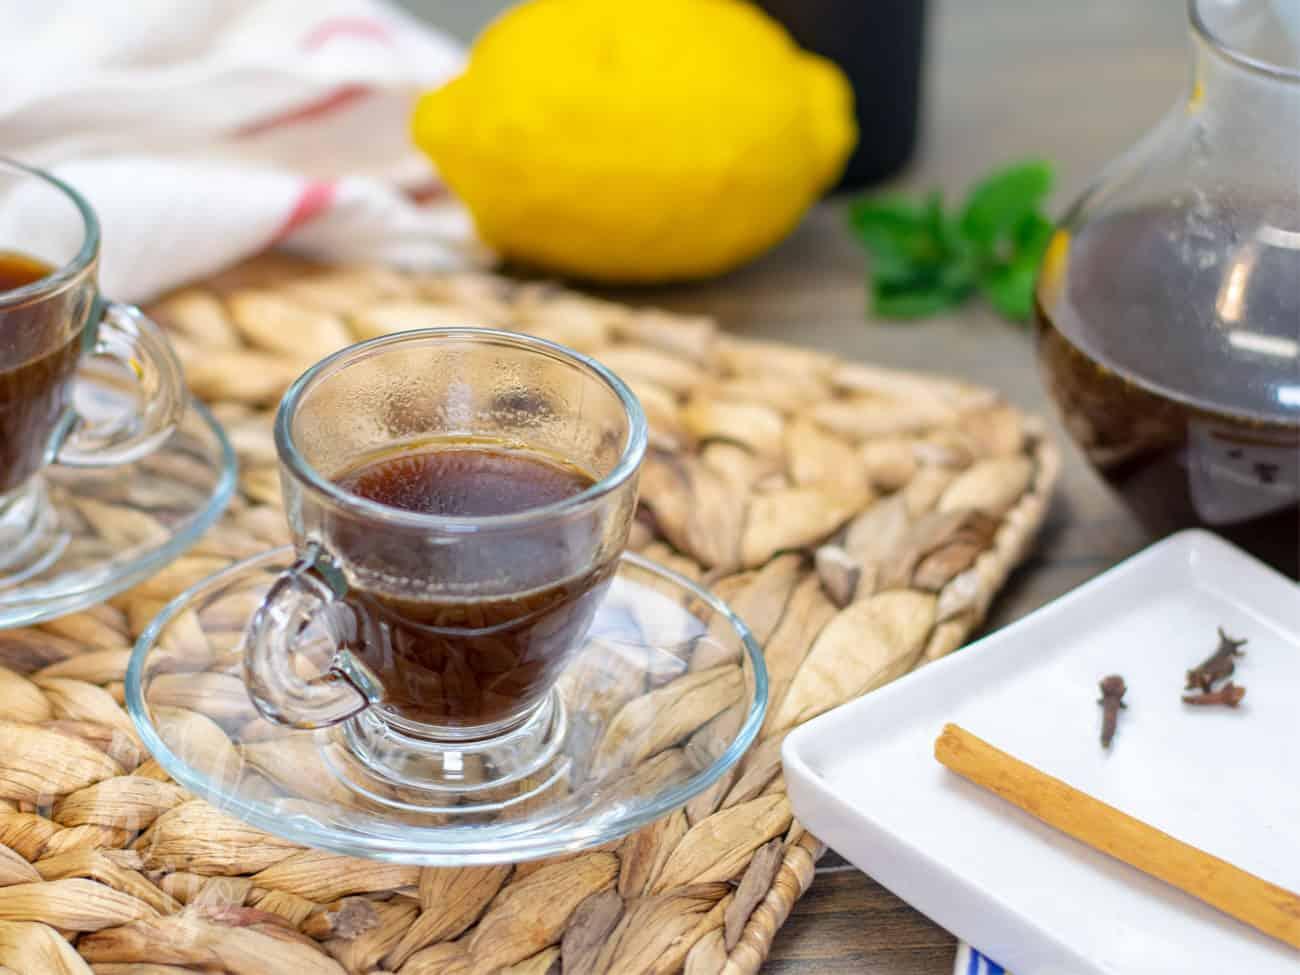 Café Brulot Caribeño